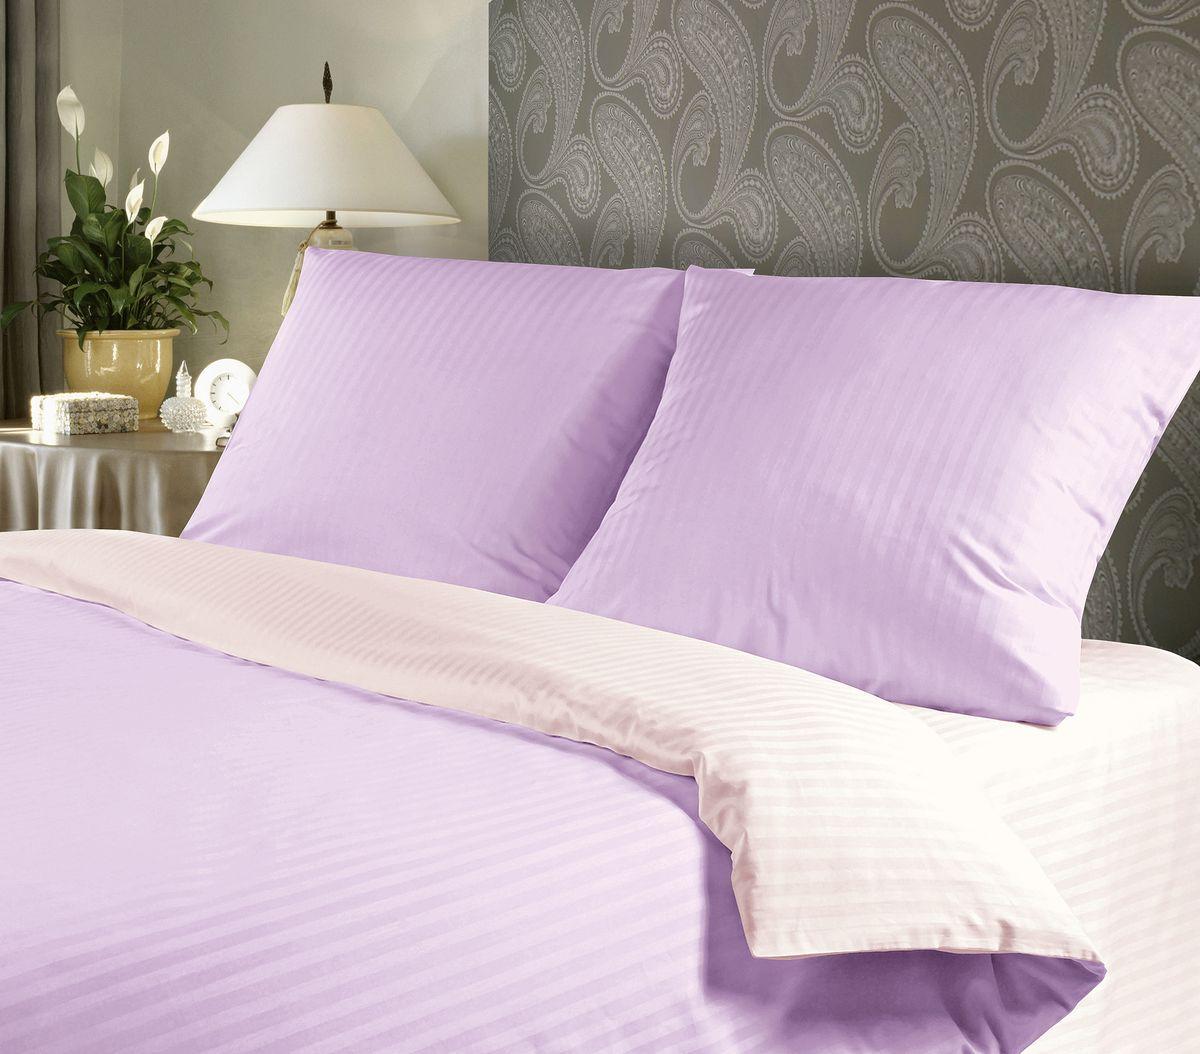 Комплект белья Verossa, 2-спальный, наволочки 70х70, цвет: сиреневый, белый192831Сатин - настоящая роскошь для любителей понежиться в постели. Вас манит его блеск, завораживает гладкость, ласкает мягкость, и каждая минута с ним - истинное наслаждение. Тонкая пряжа и атласное переплетение нитей обеспечивают сатину мягкость и деликатность. Легкий блеск сатина делает дизайны живыми и переливающимися. 100% хлопок, не электризуется и отлично пропускает воздух, ткань дышит. Легко стирается и практически не требует глажения. Не линяет, не изменяет вид после многочисленных стирок.